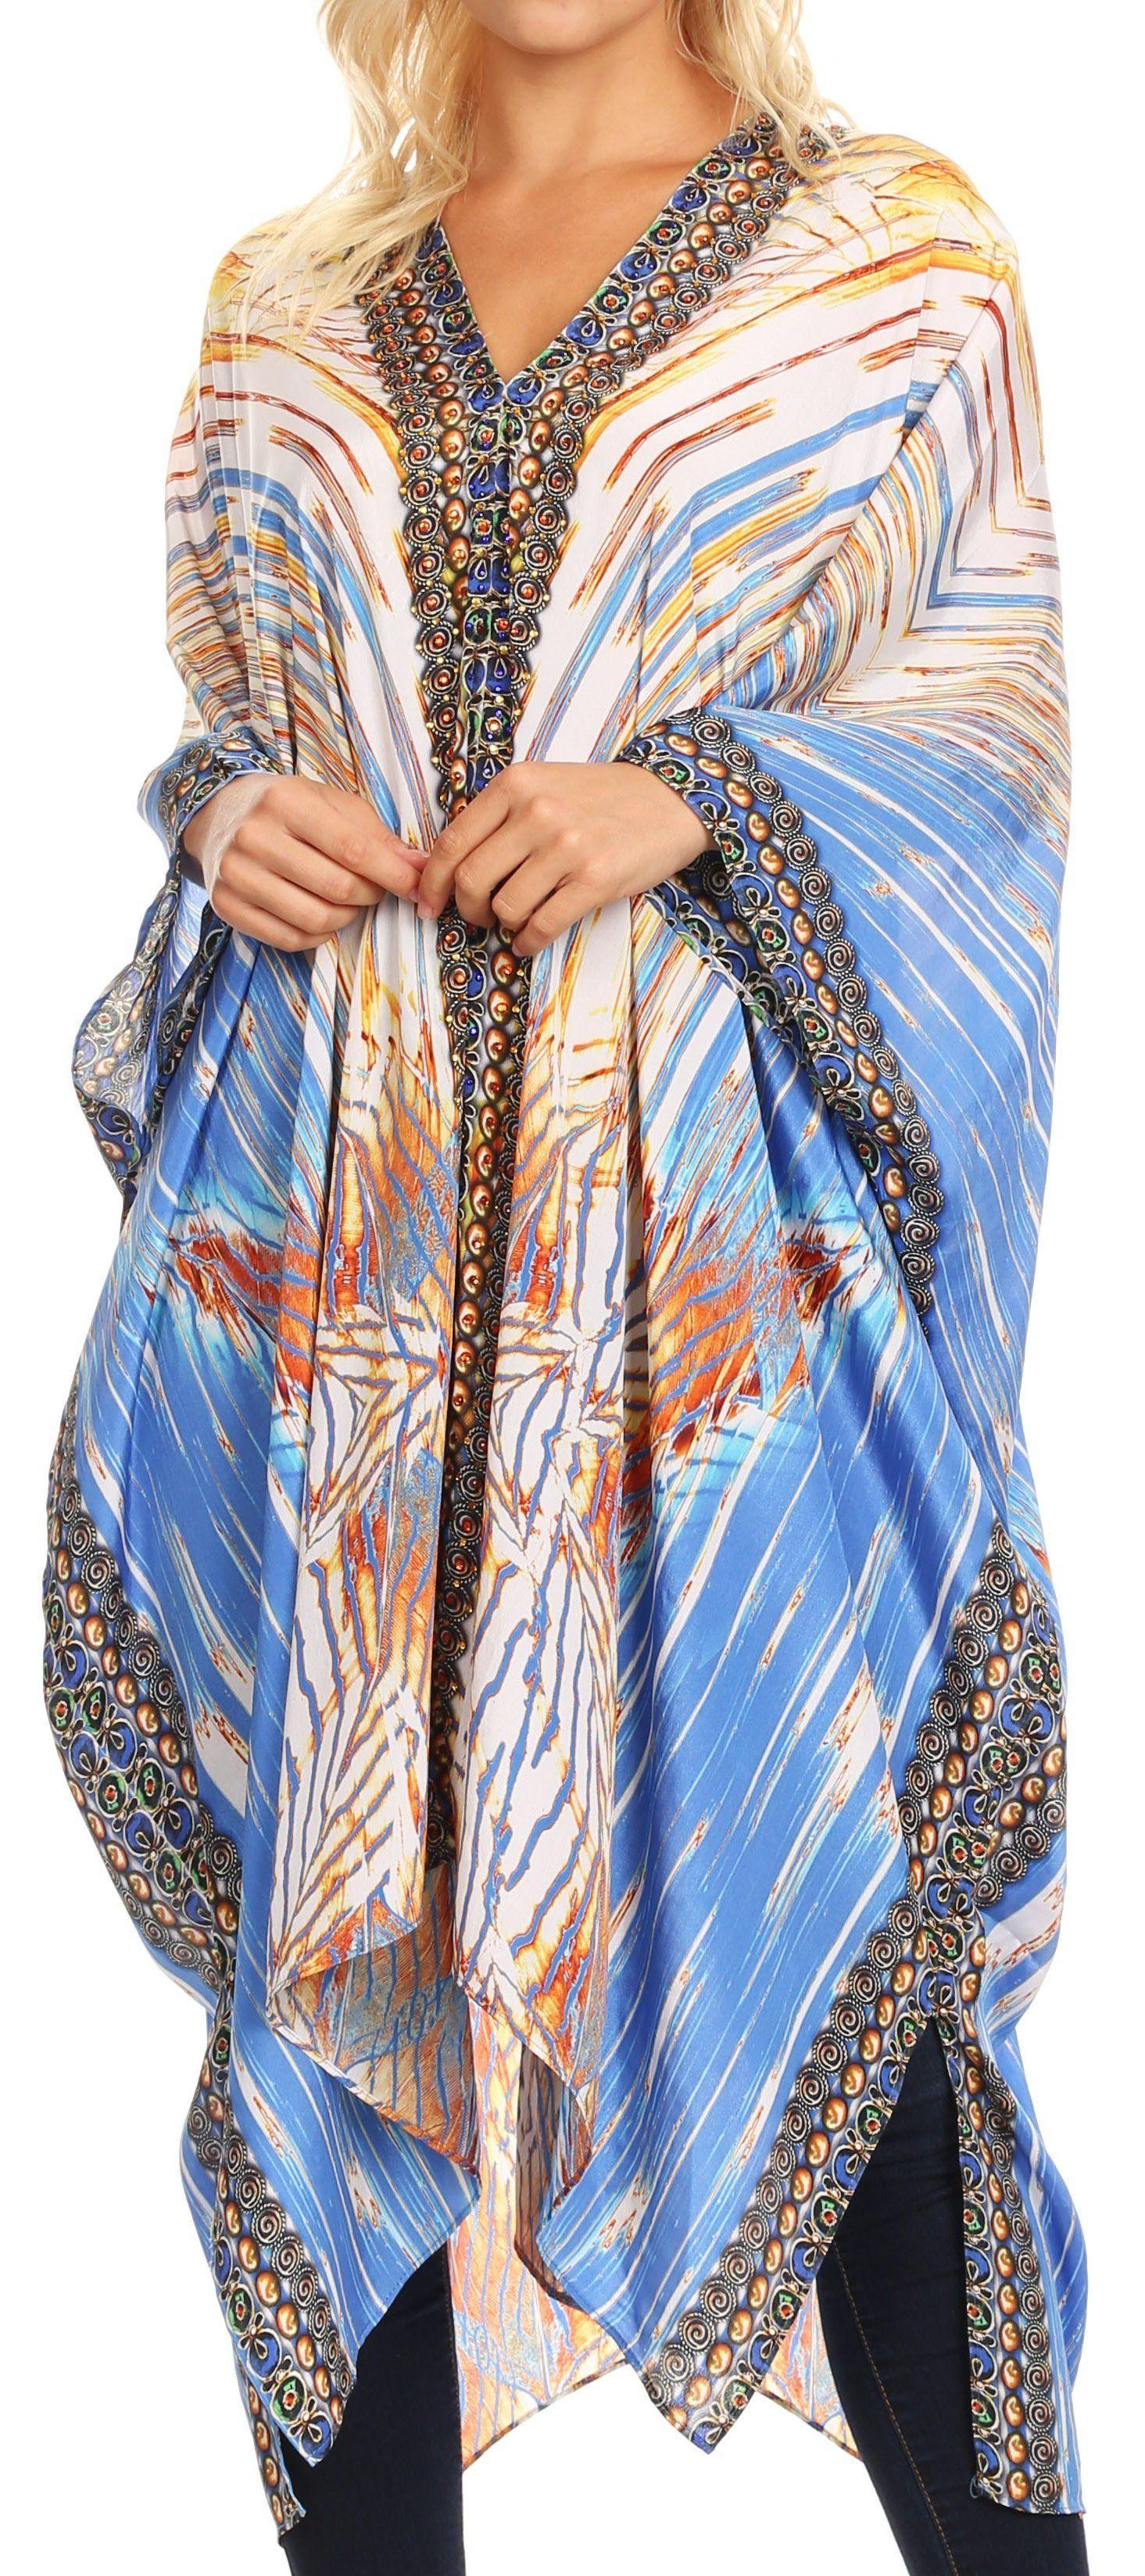 09599383d4e22 Sakkas Alvita Women's V Neck Beach Dress Top Caftan Cover up with  Rhinestones